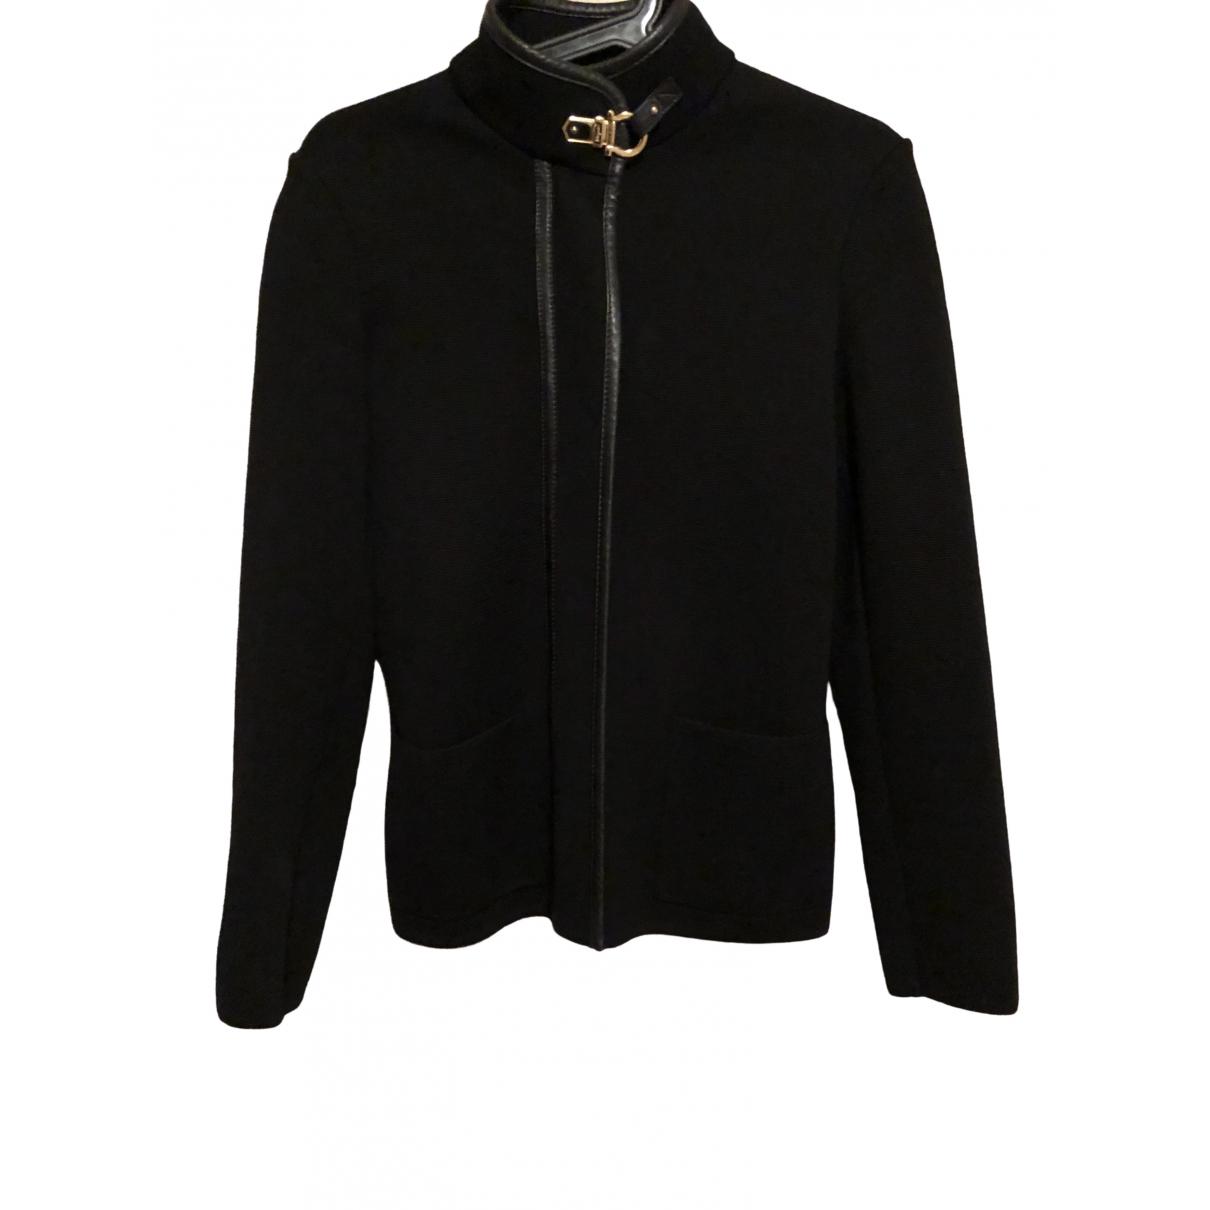 Salvatore Ferragamo \N Black Wool Knitwear for Women S International